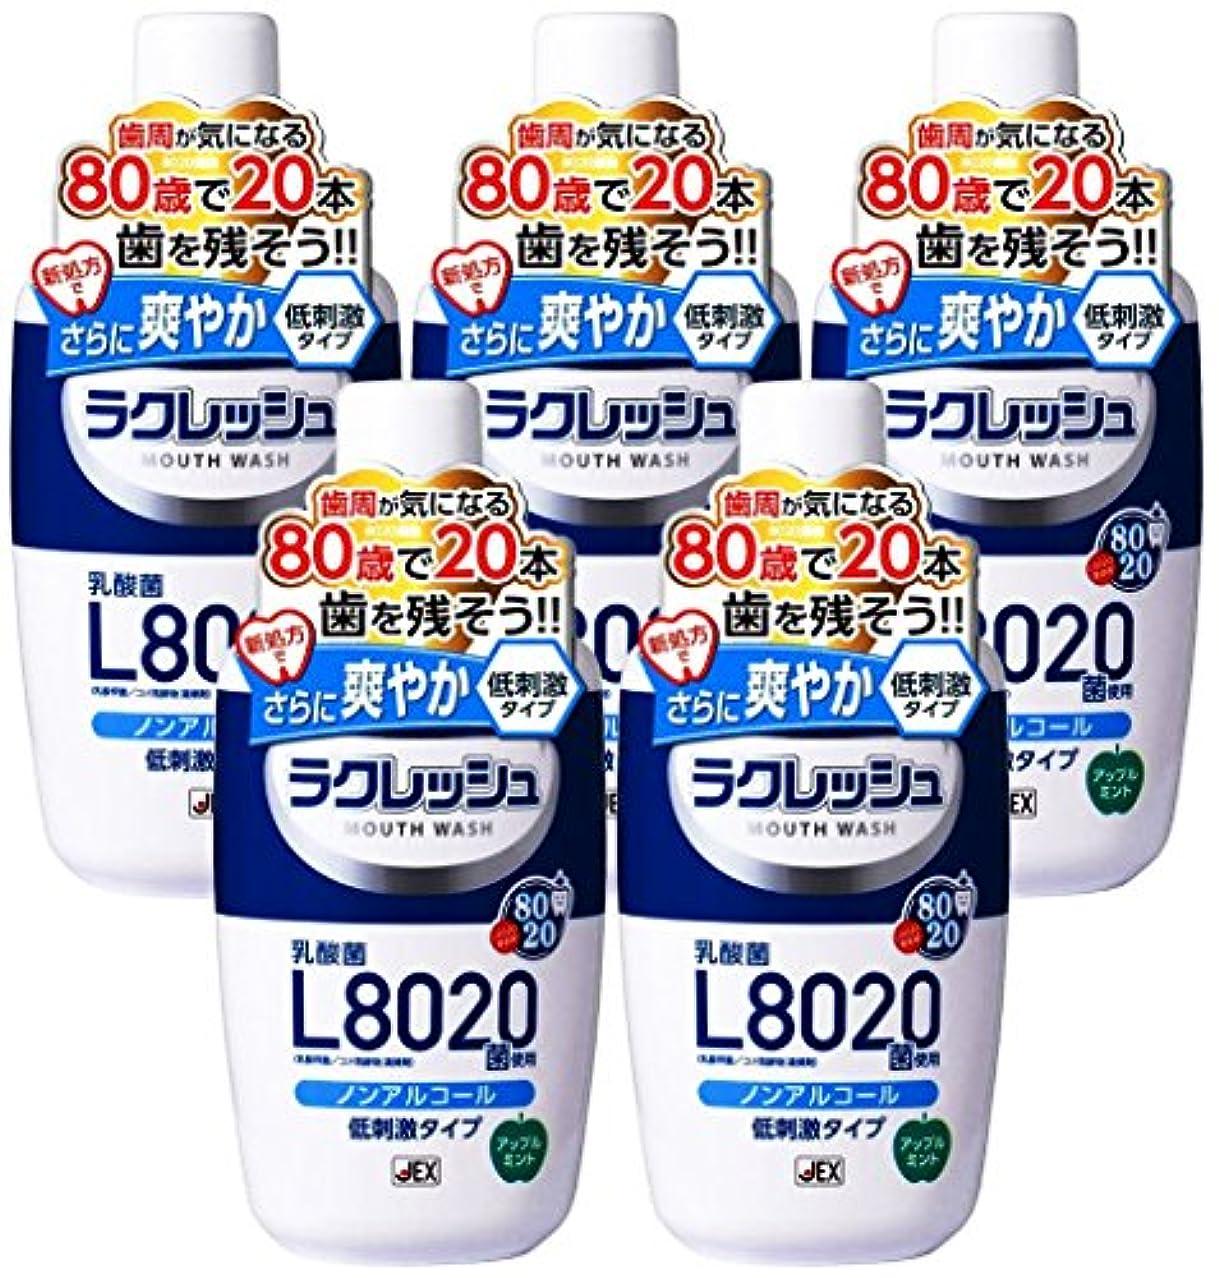 放射性内陸桃ラクレッシュ L8020菌 マウスウォッシュ 5本セット